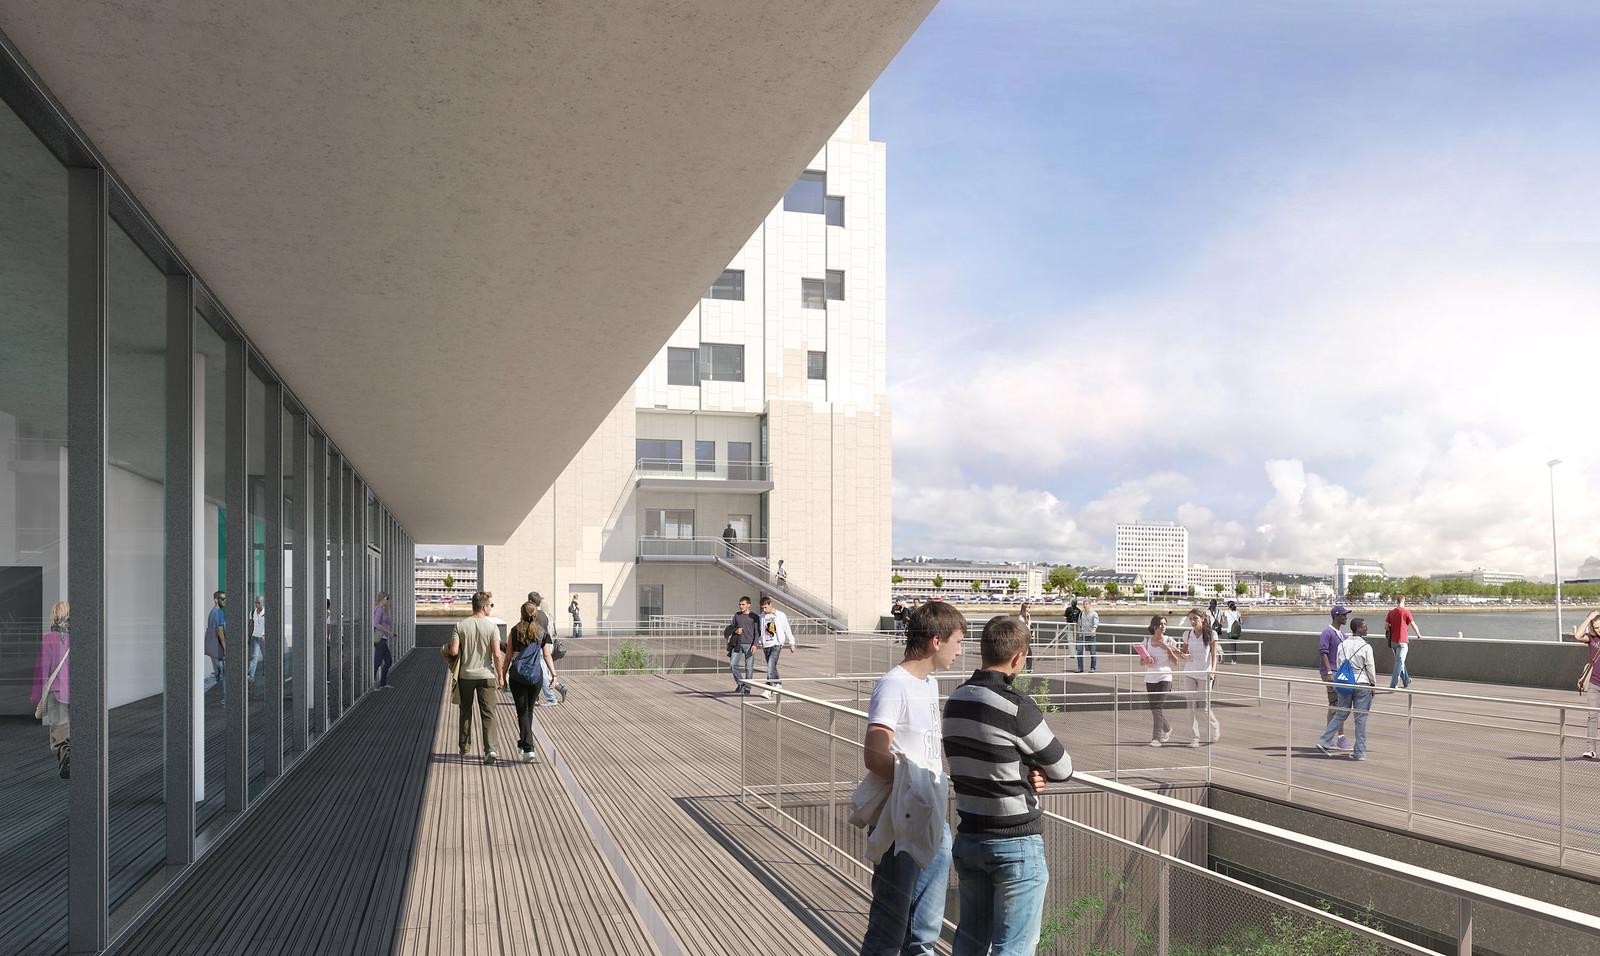 Ecole Maritime – deck, Le Havre